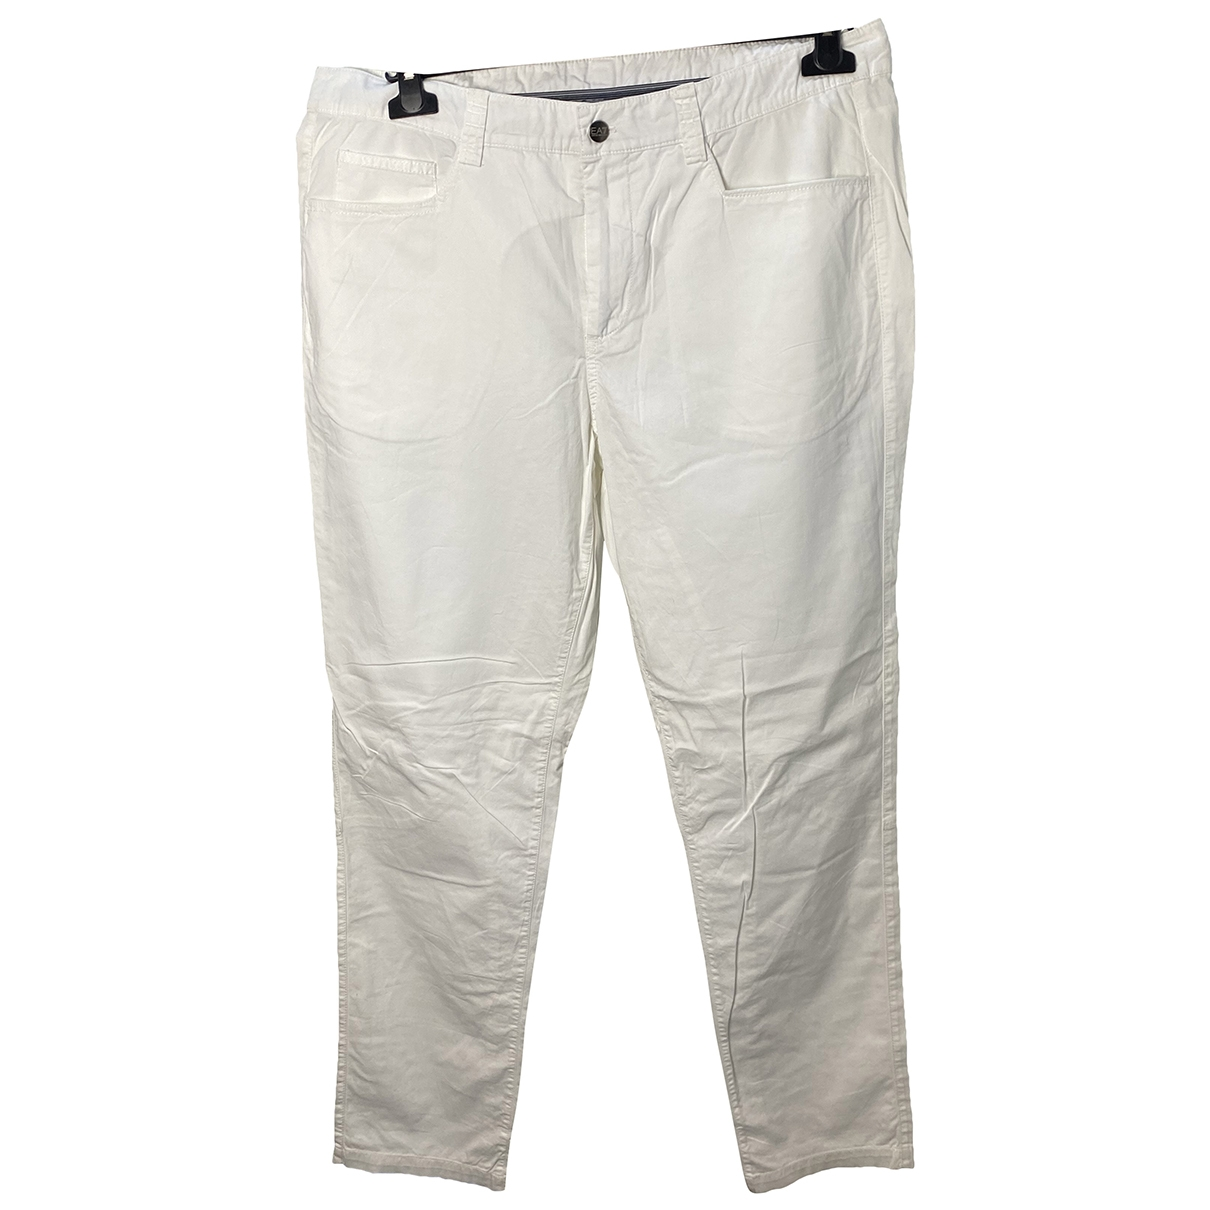 Pantalones en Algodon Crudo Emporio Armani